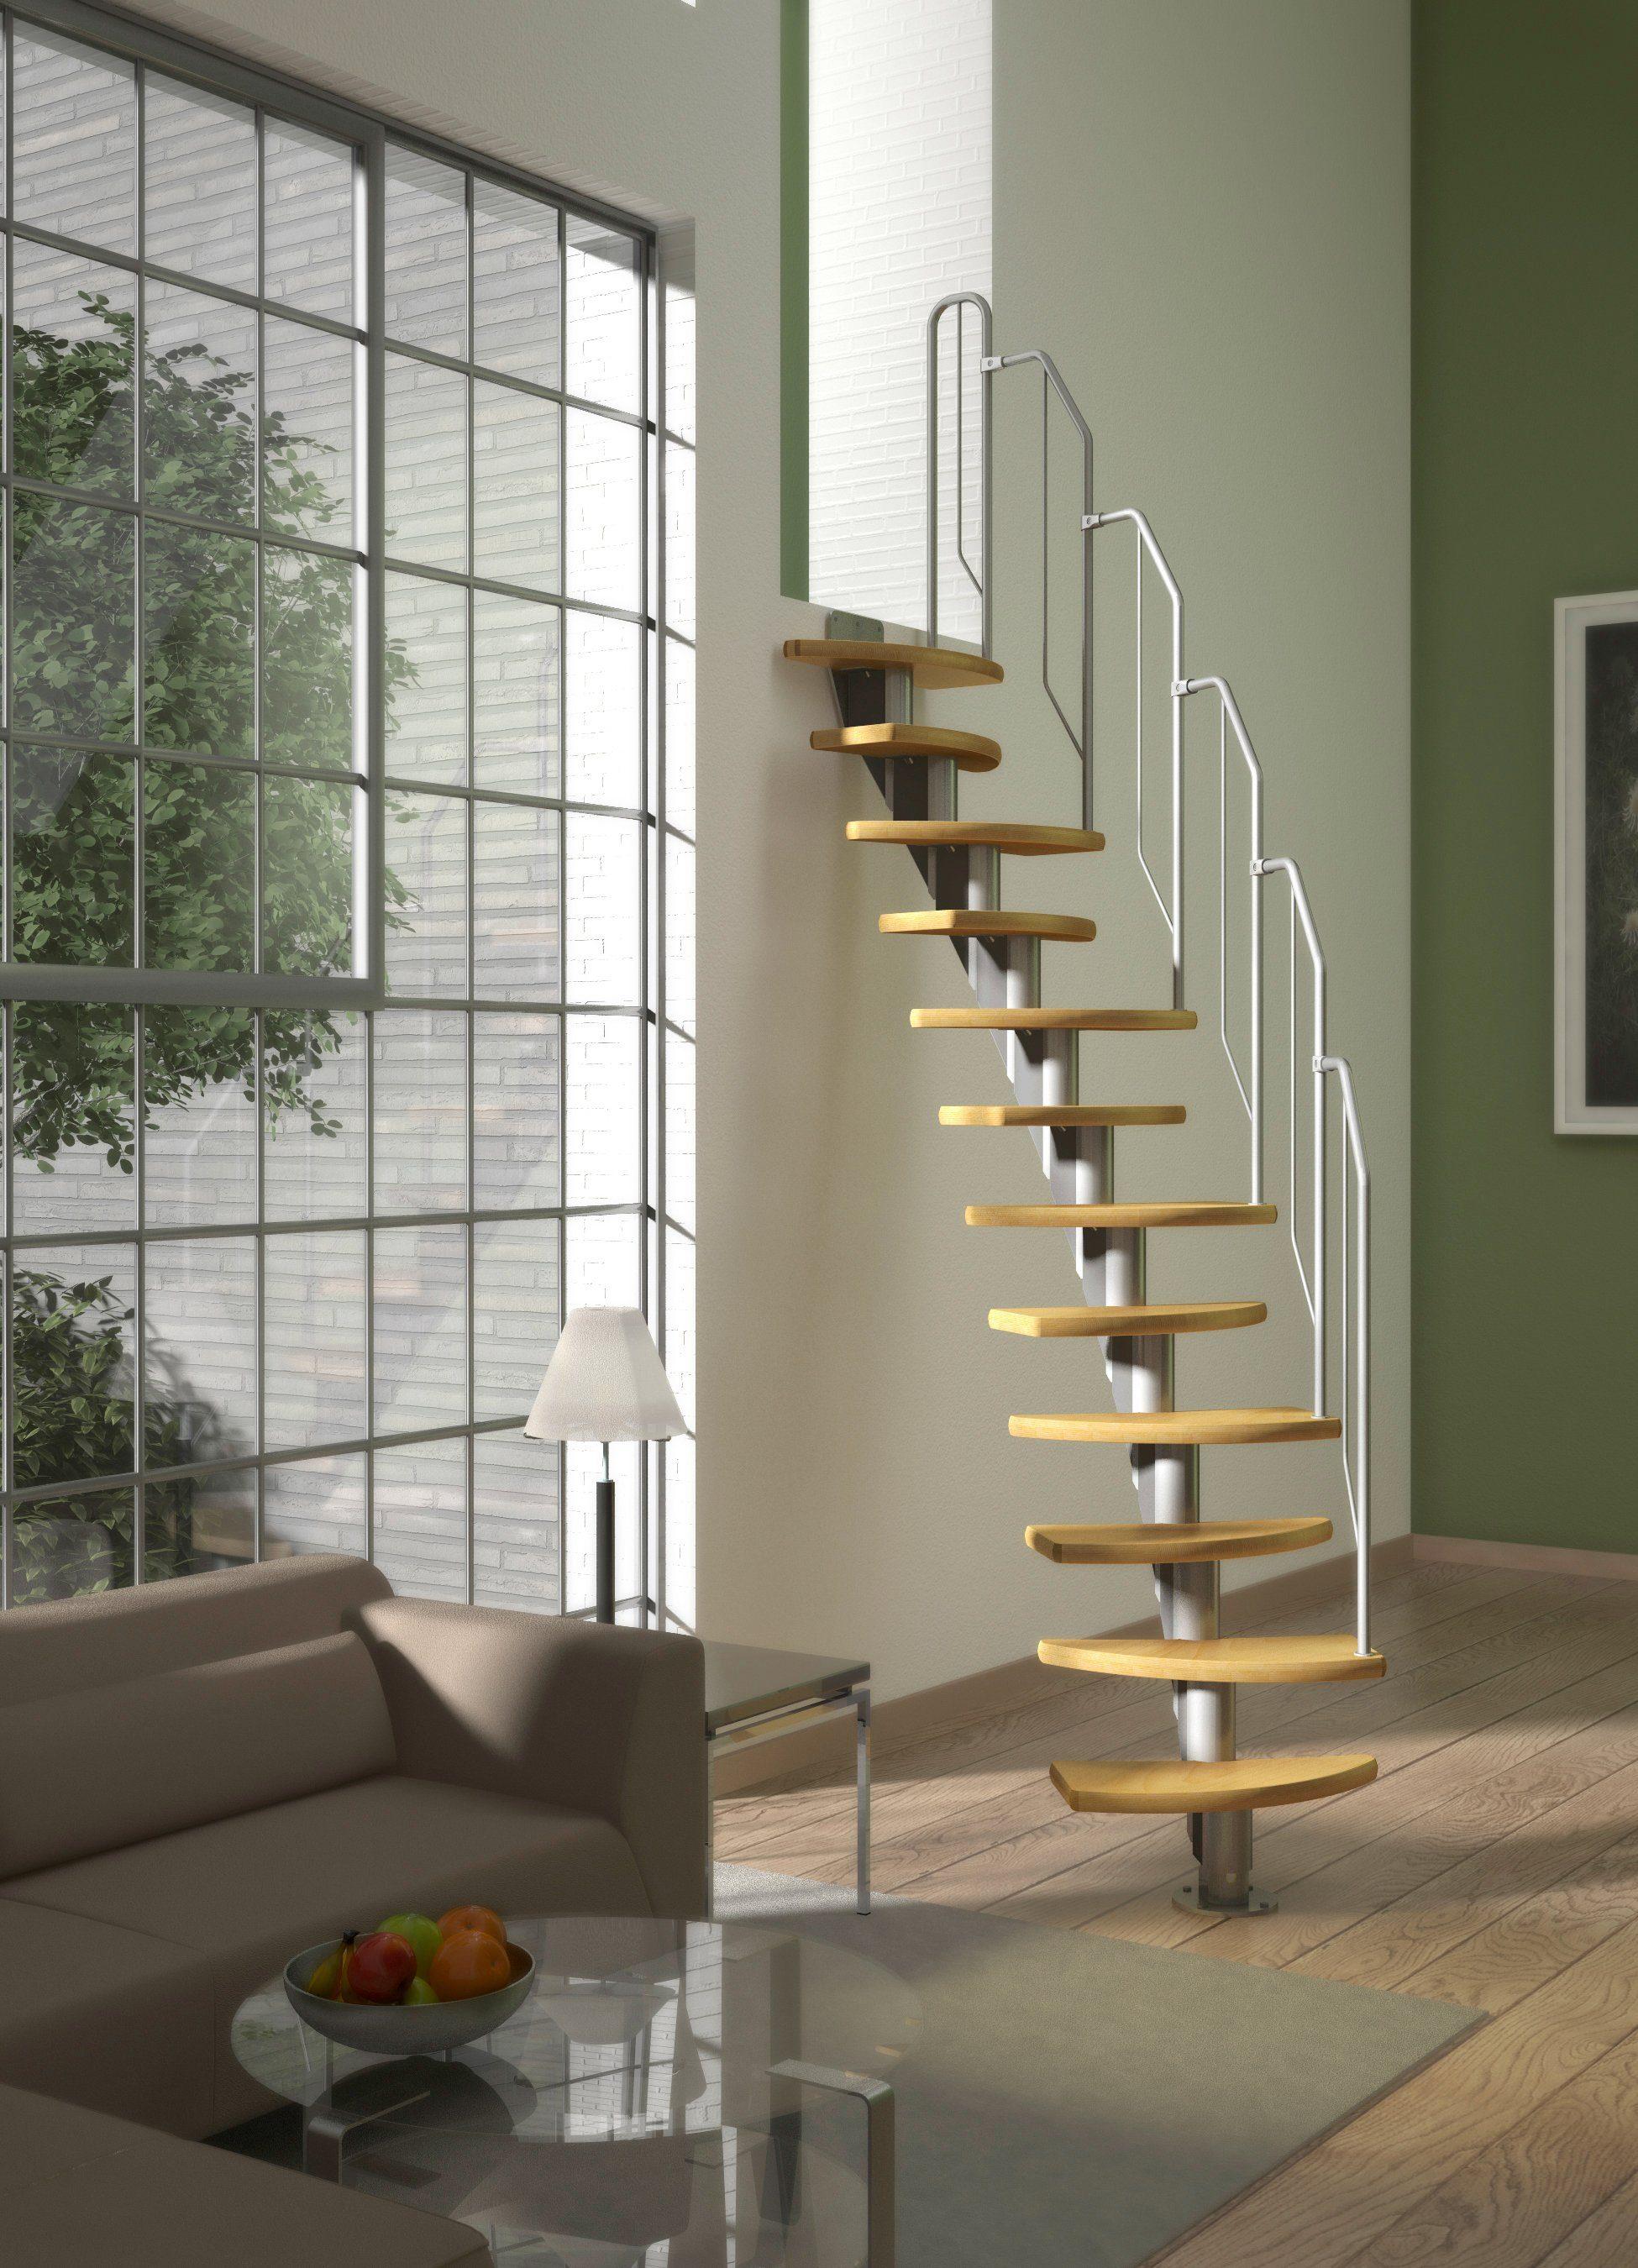 DOLLE Systemtreppe »Berlin«, Metallgeländer und -handlauf, Birke, BxH: 64x315 cm